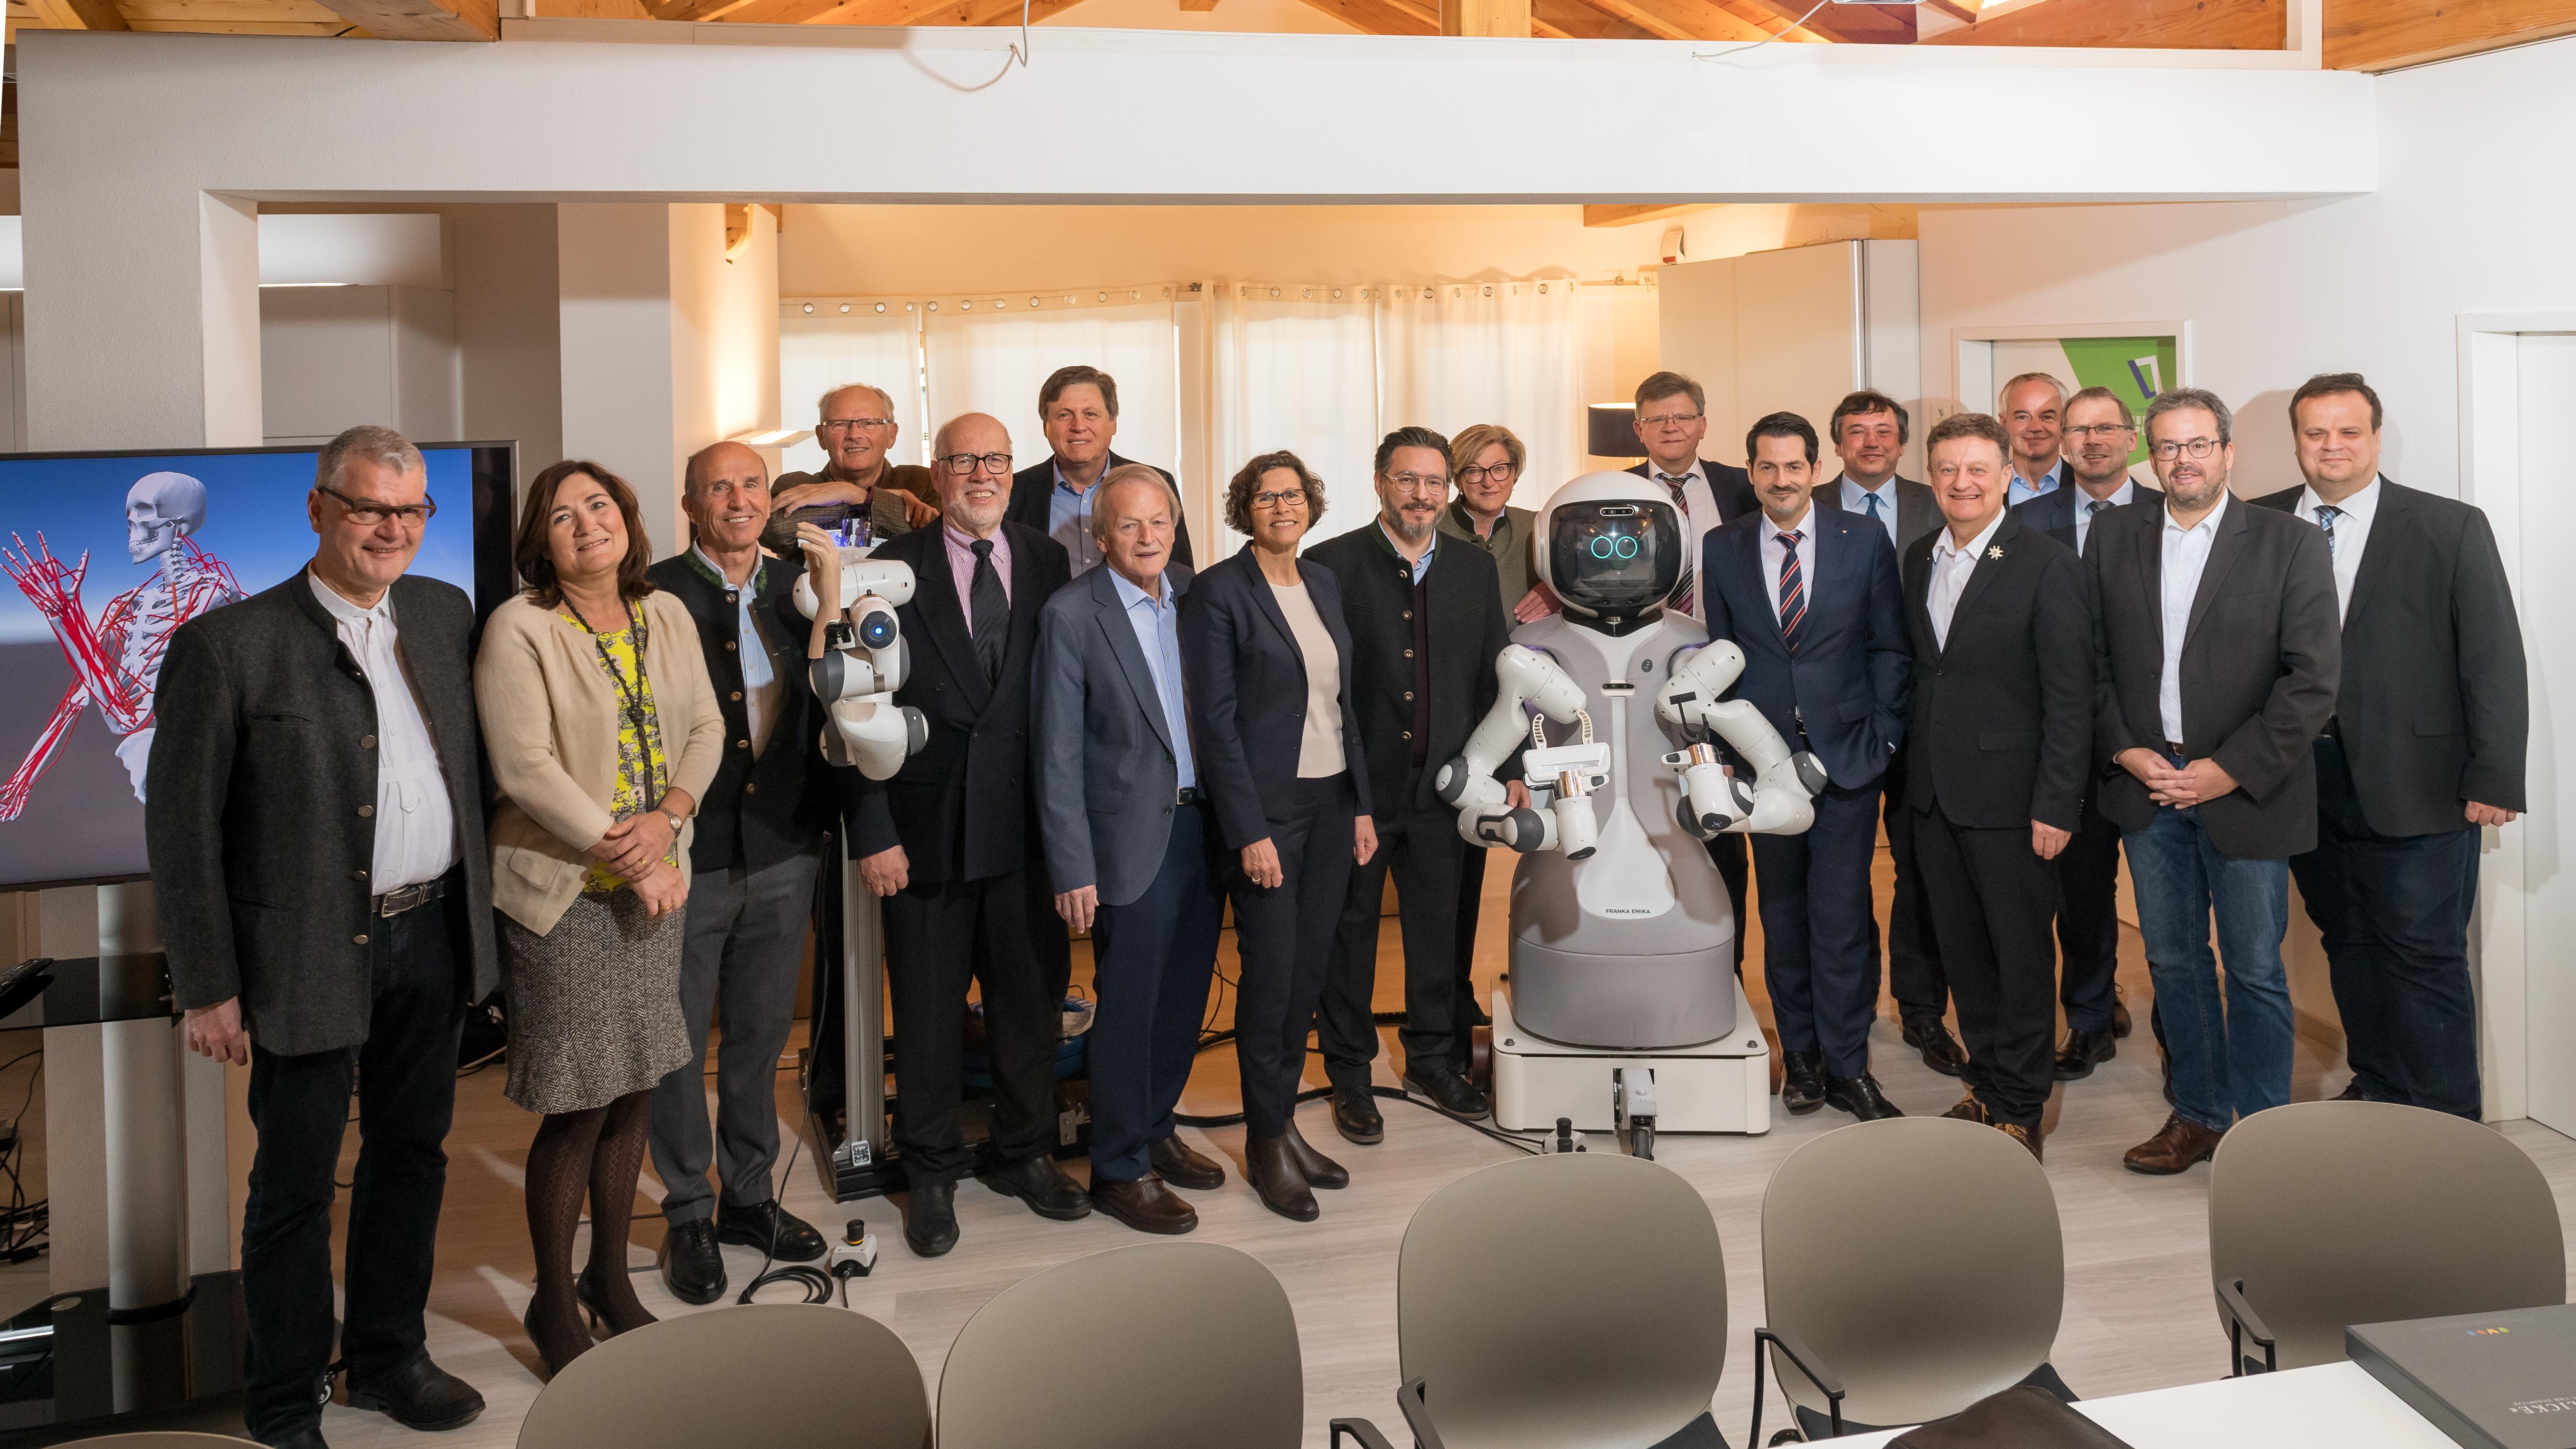 Gäste beim Besuch von TUM-Präsident THomas F. Hofmann im Geriatronik-Forschungstzentrum Garmisch-Partenkirchen.